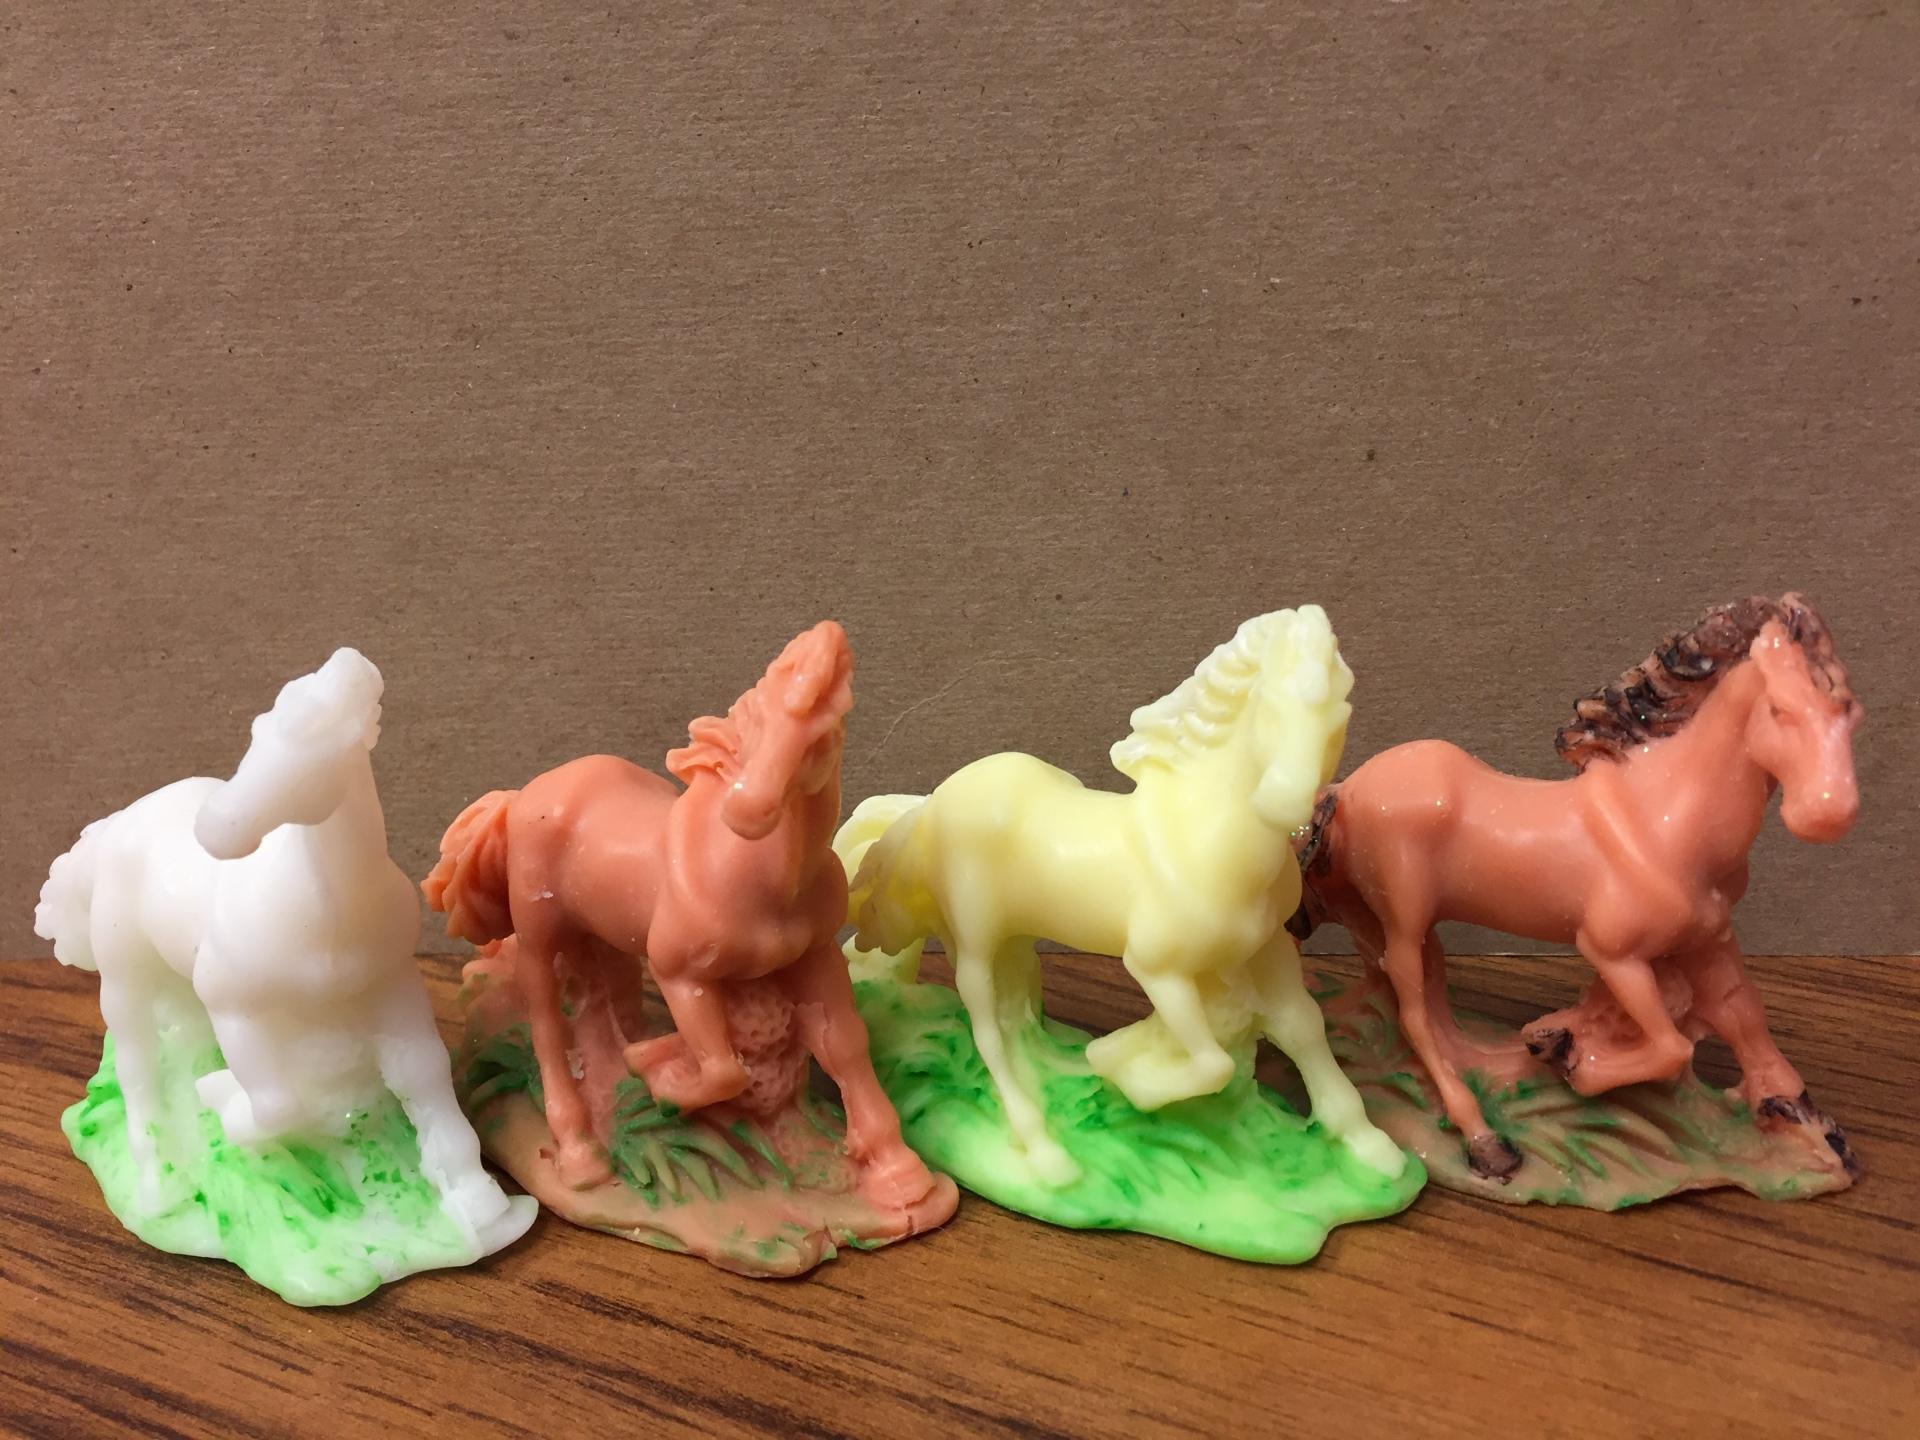 Galloping away!